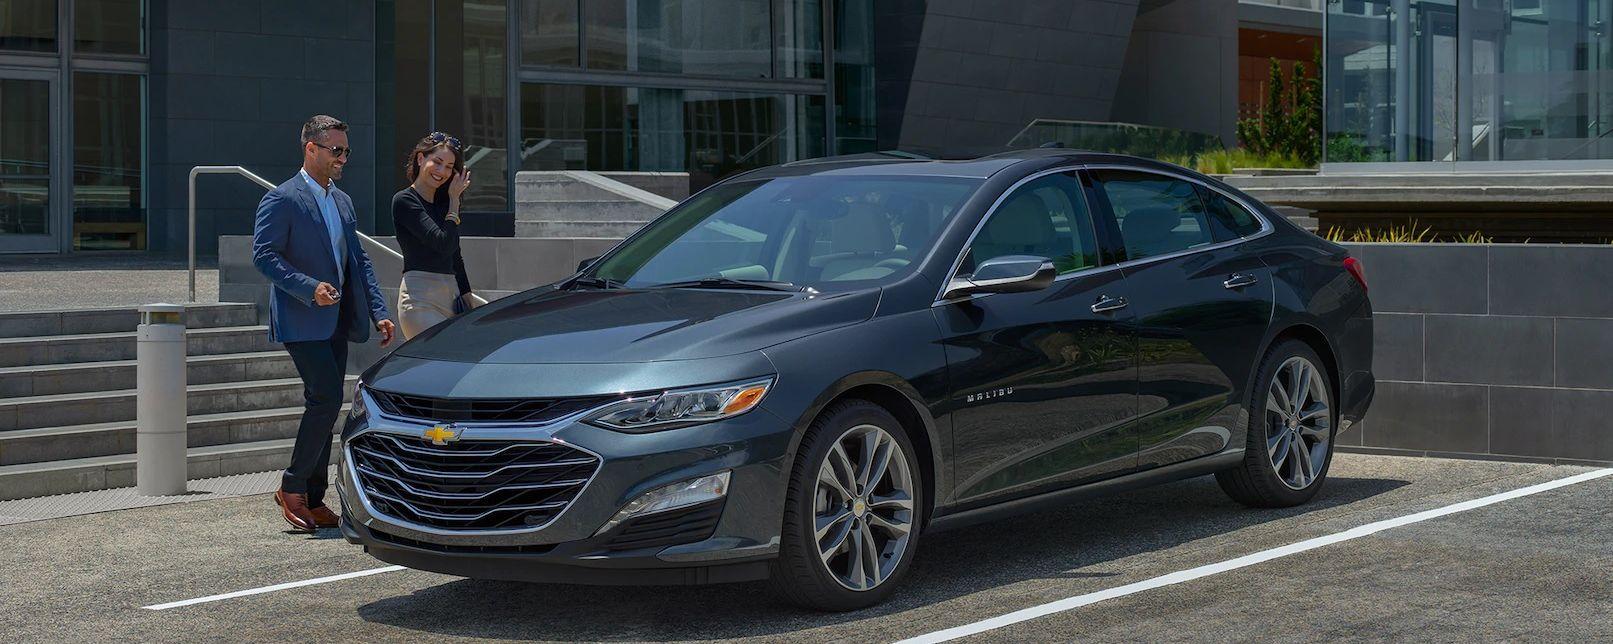 Chevrolet Malibu 2019 próximamente cerca de El Cajon, CA